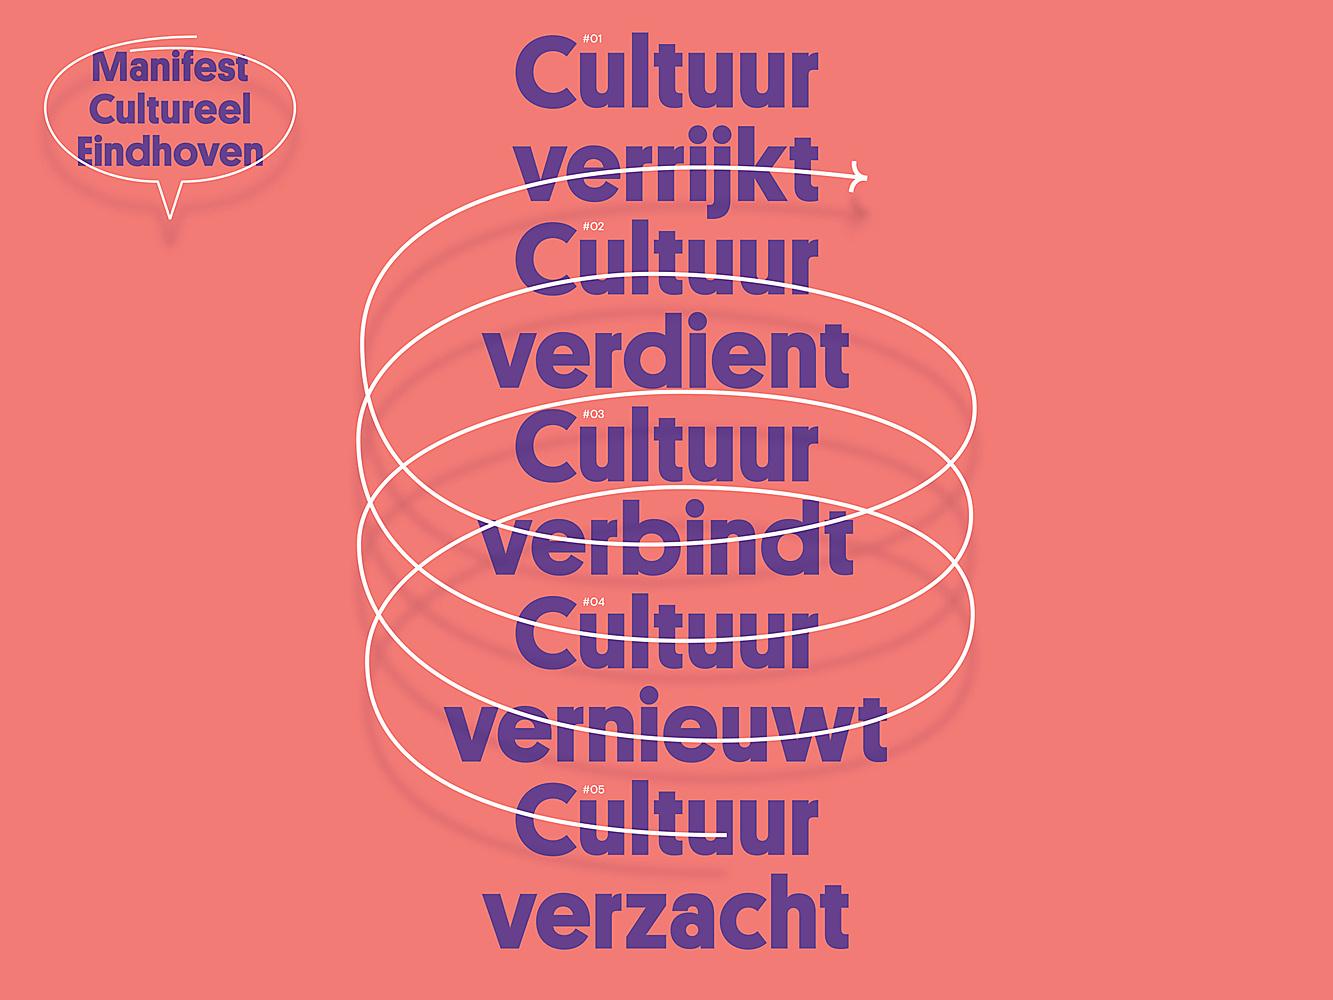 Cultureel Eindhoven presenteert Cultuurmanifest